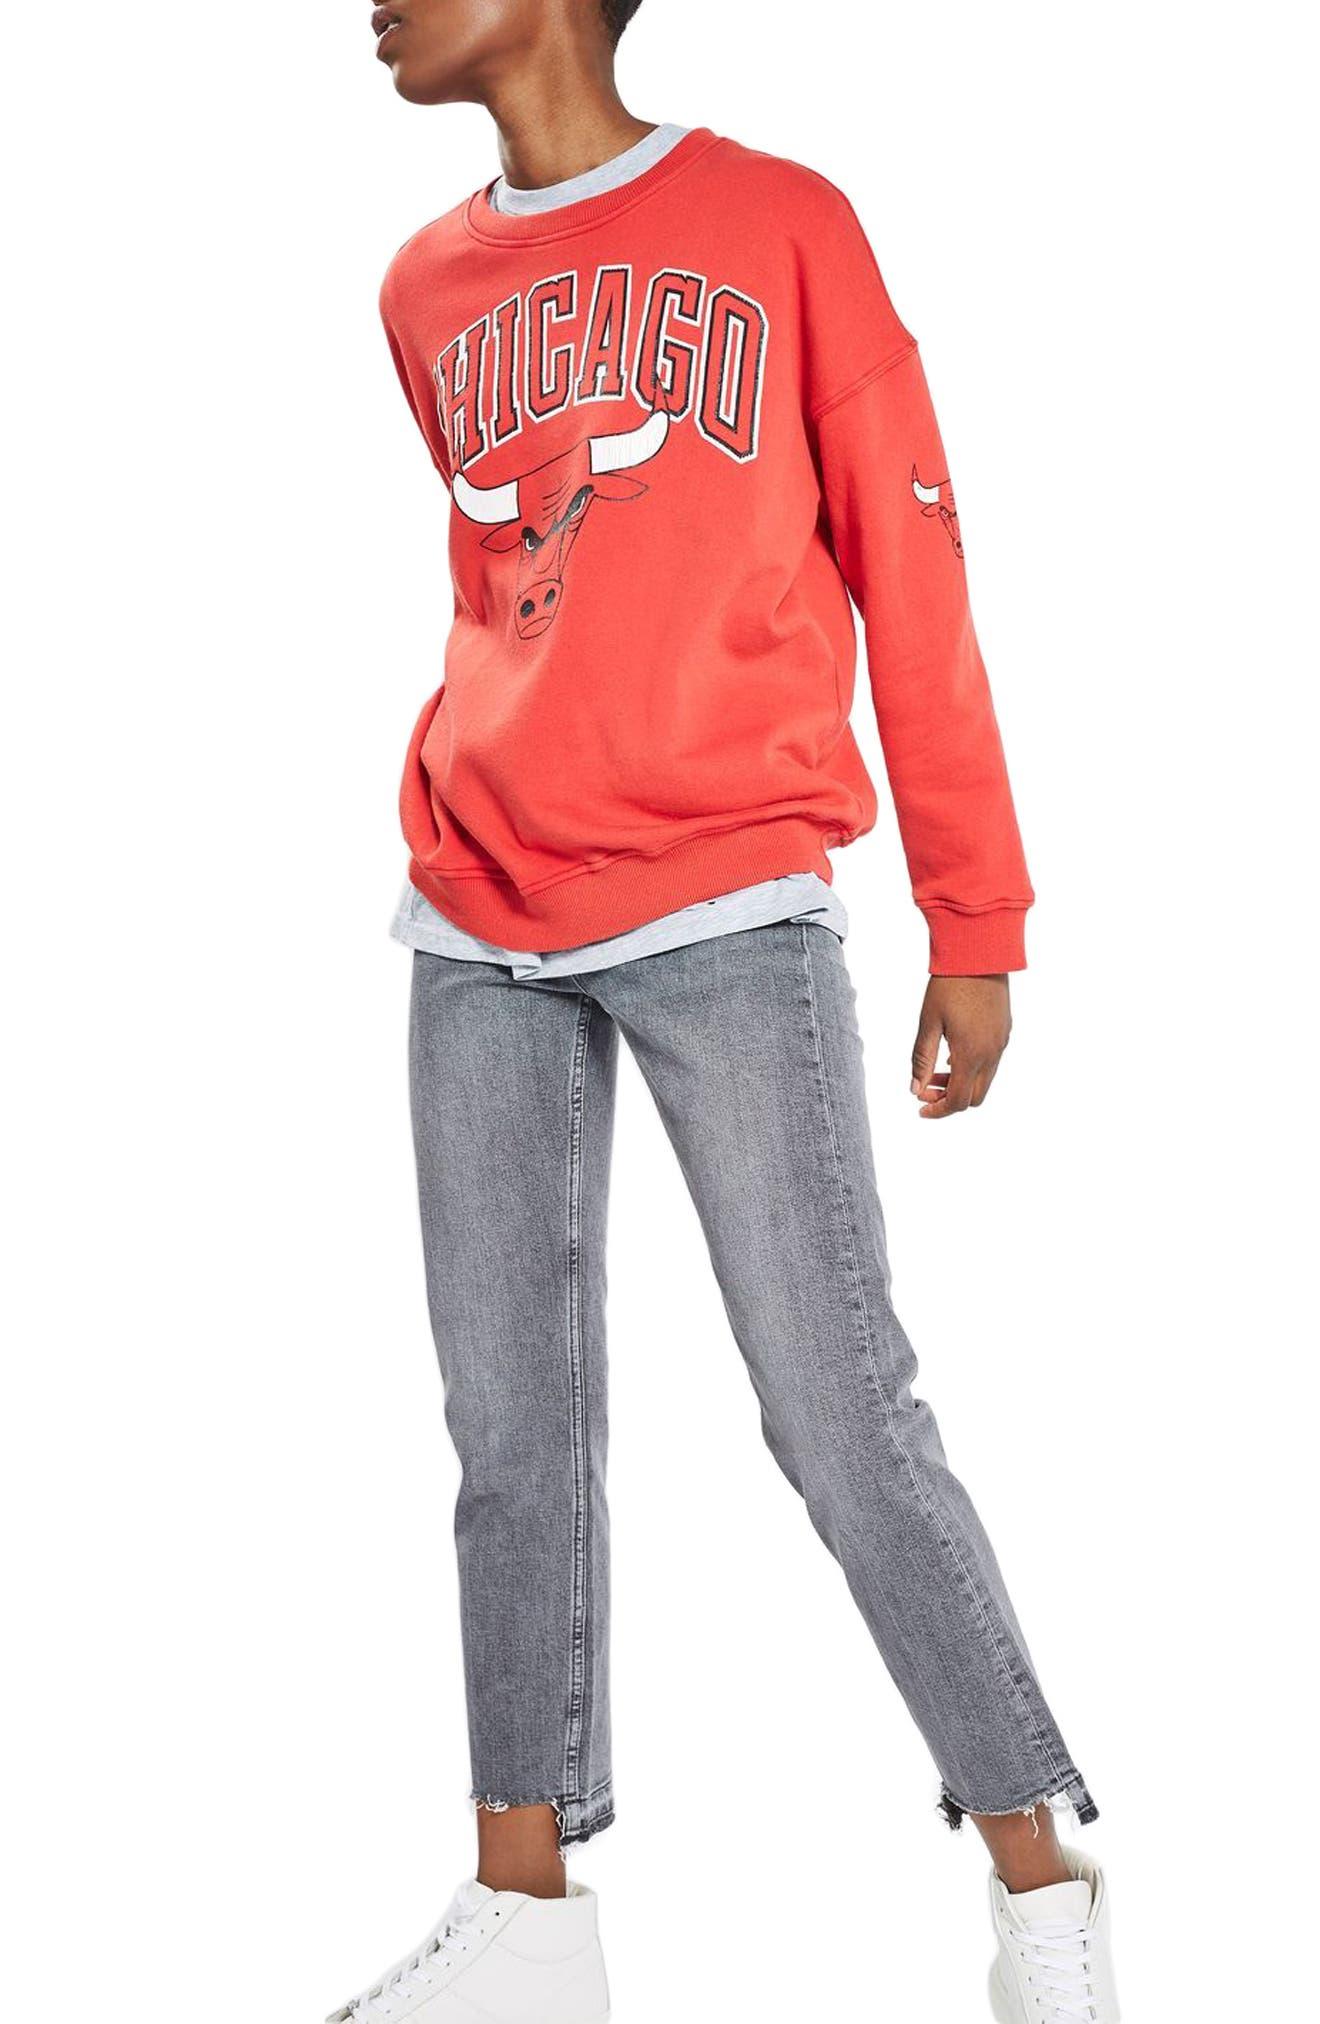 Topshop by UNK Chicago Bulls Sweatshirt